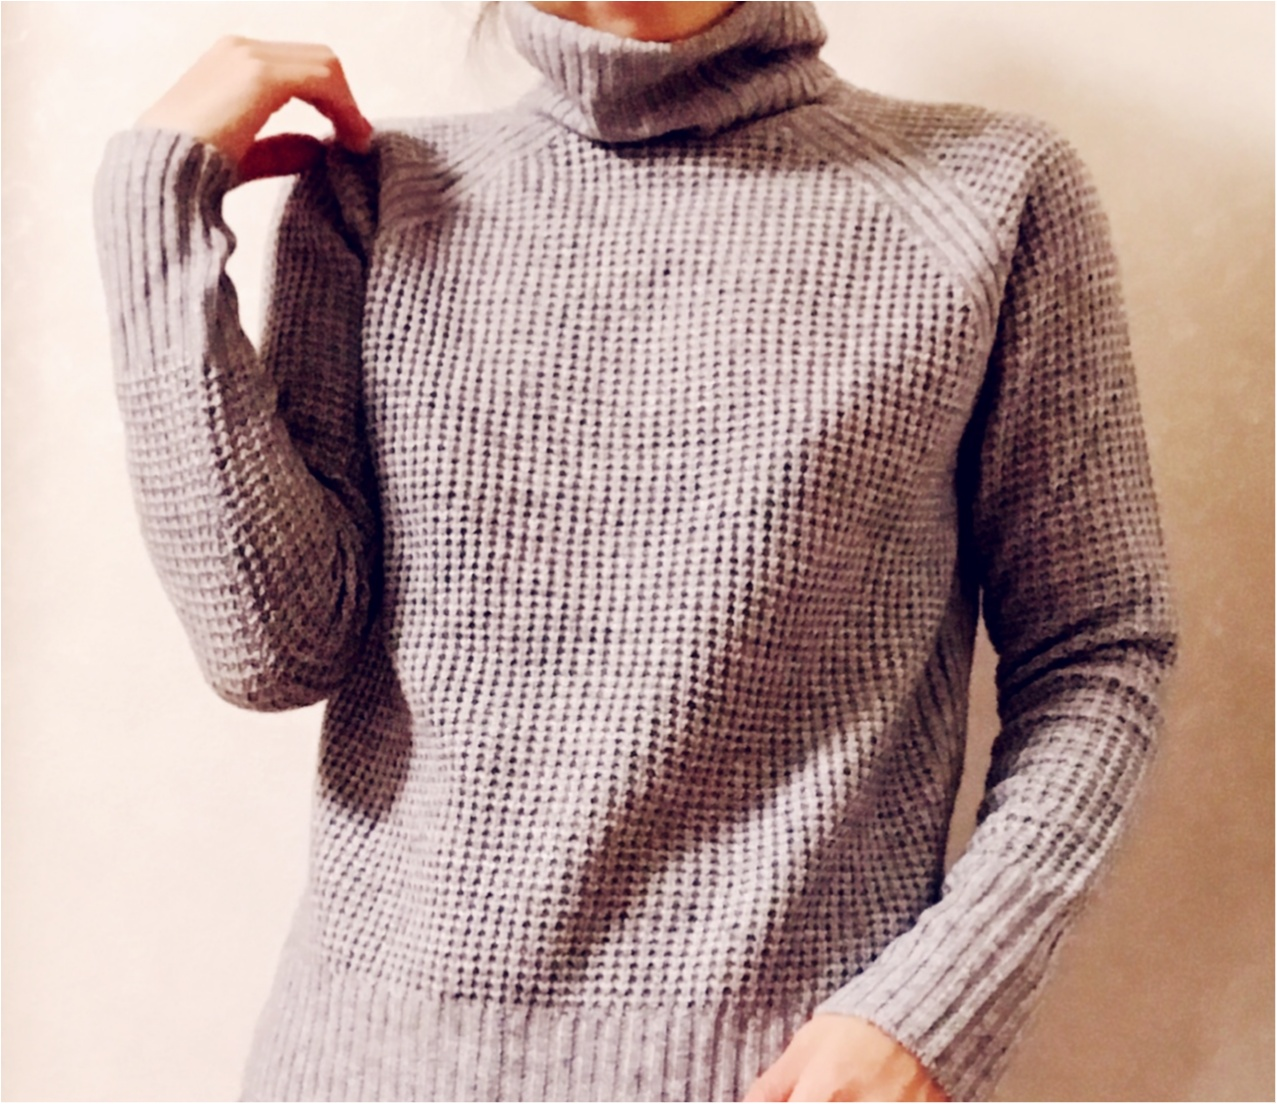 UNIQLOの《カシミヤブレンドタートルネックセーター》がプチプラなのに優秀すぎる♡_2